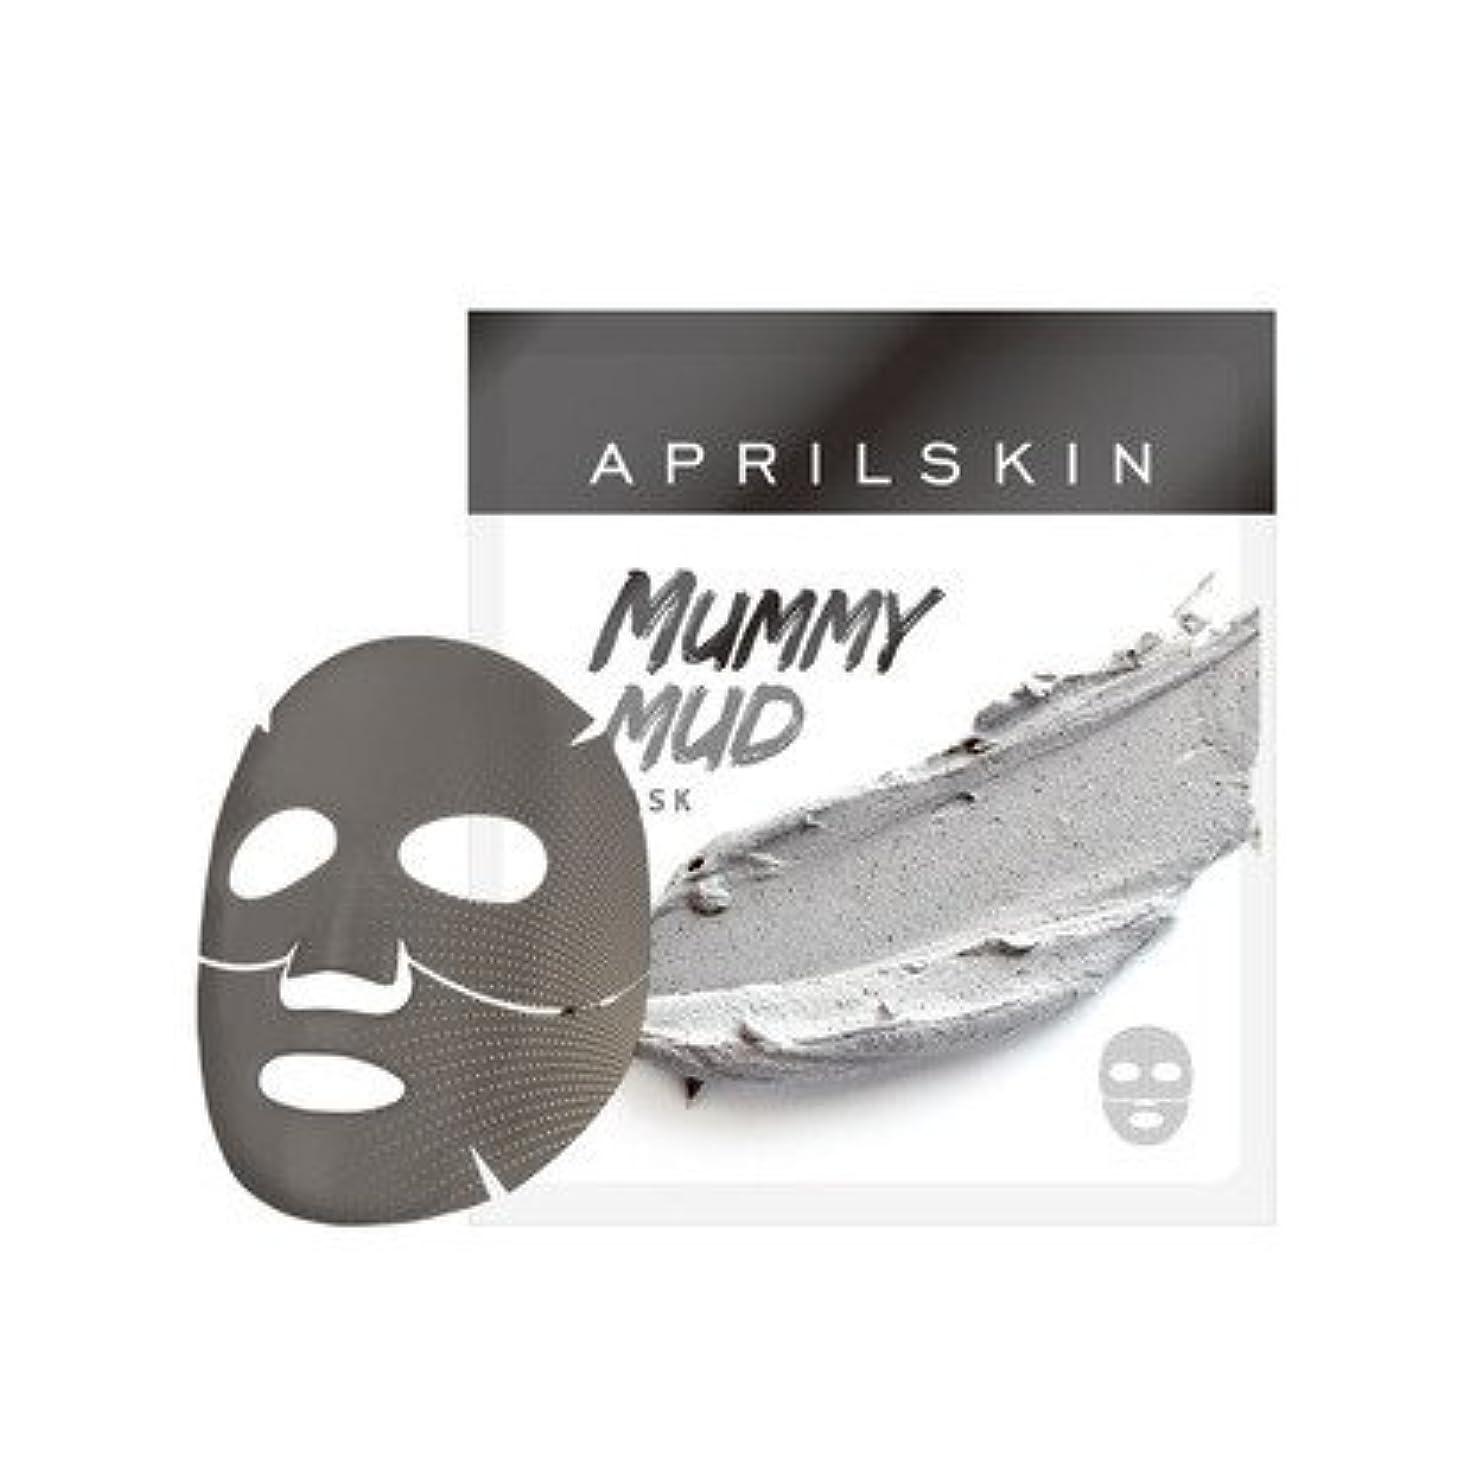 多用途革命スペードAPRILSKIN MUMMY MUD MASK/エイプリルスキン ミイラ泥マスク 1枚 [並行輸入品]